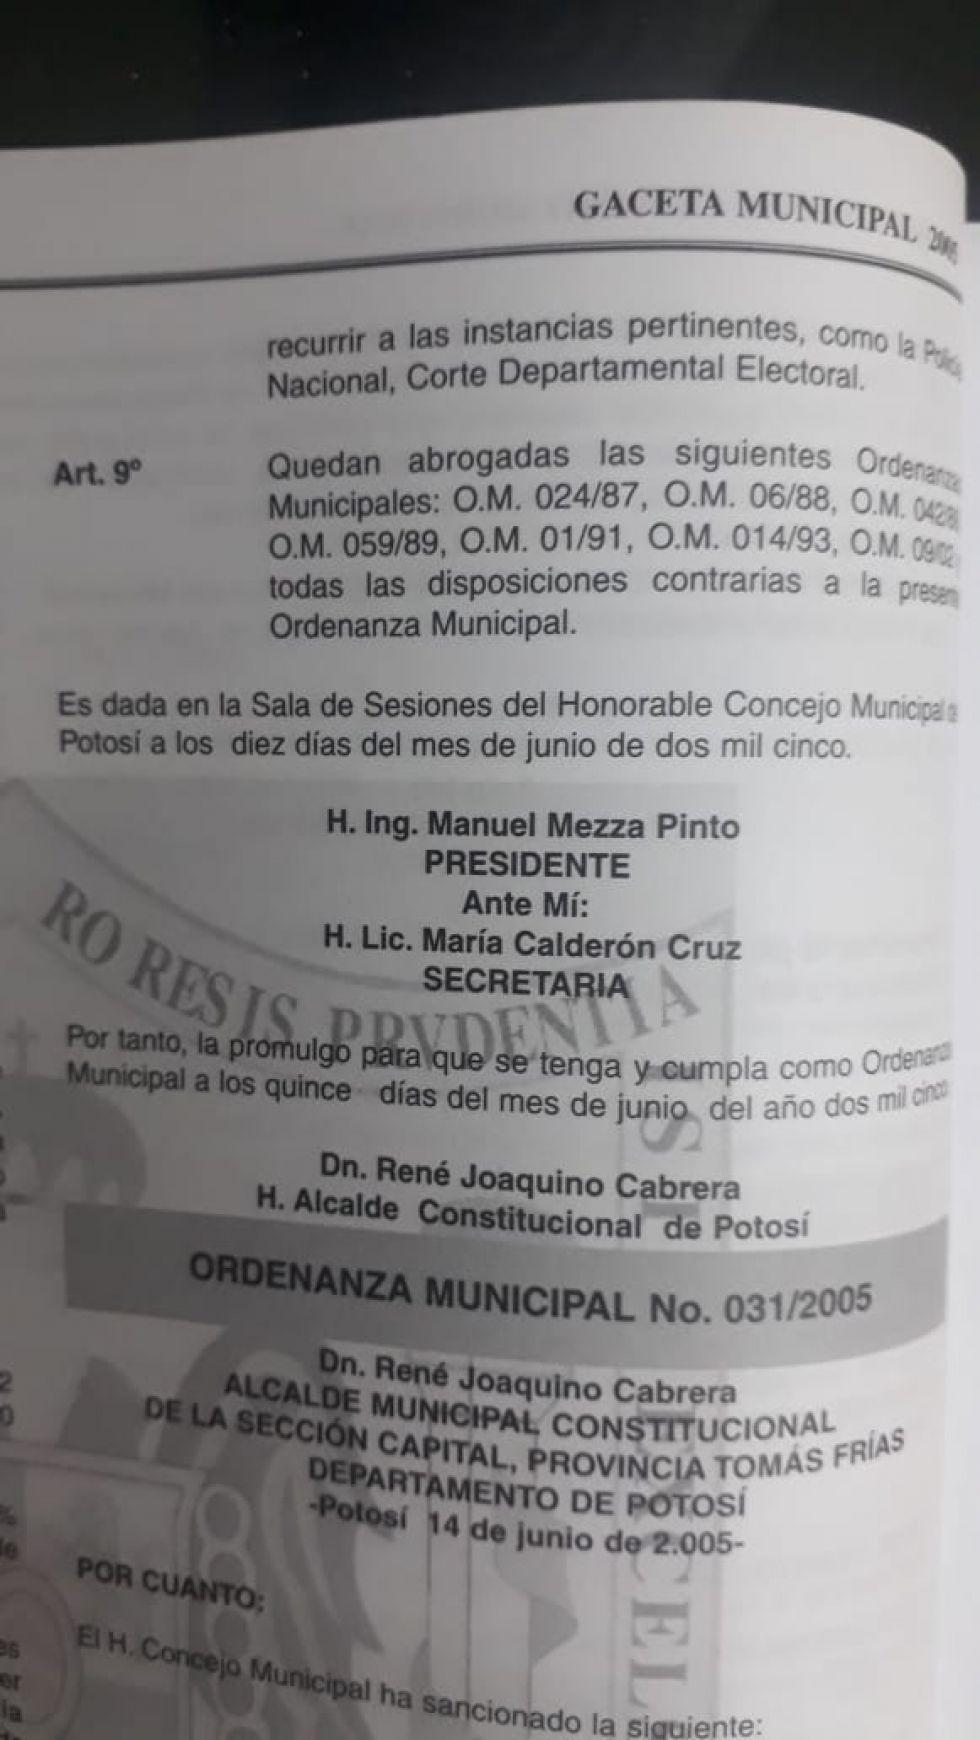 La Ordenanza  Municipal.